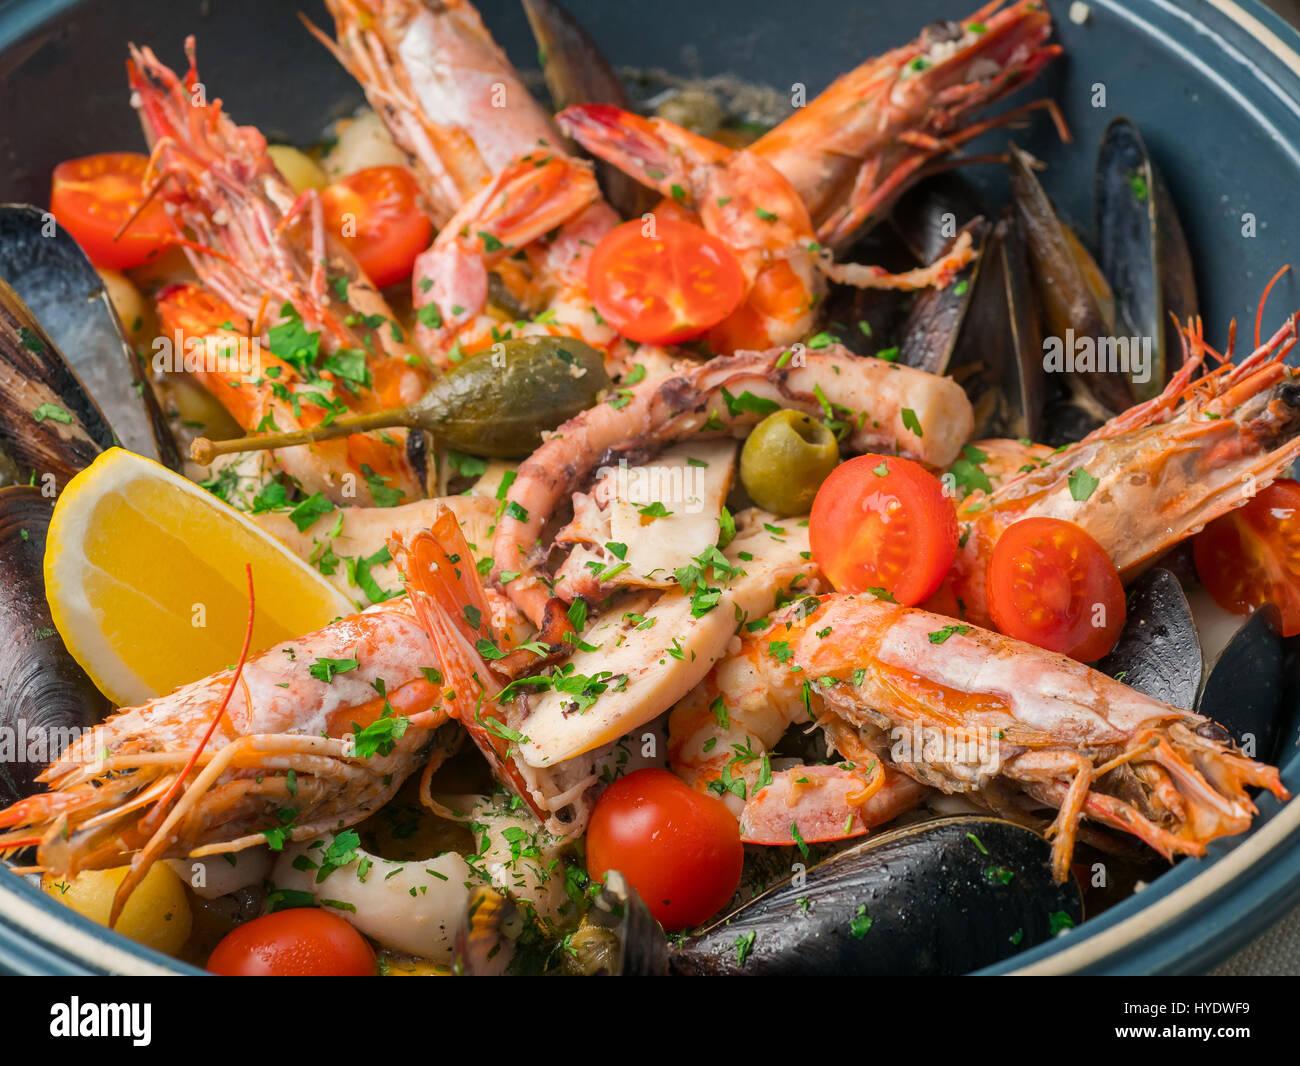 Des fruits de mer colorés avec des légumes et épices sur plaque bleue en restaurant. Close up Banque D'Images